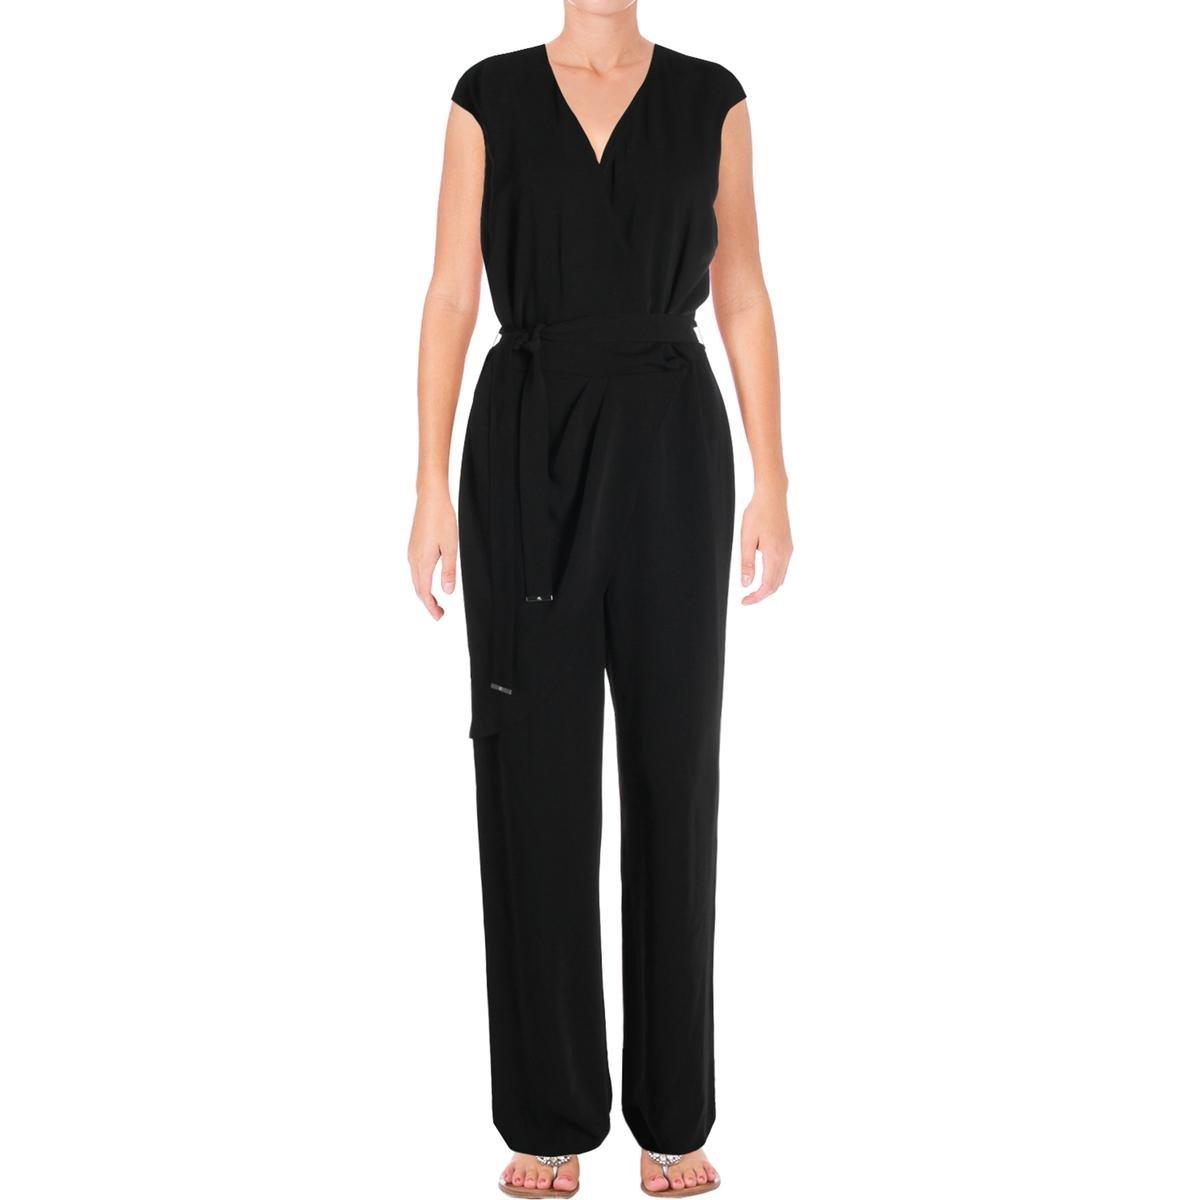 af36d67c07d Amazon.com  LAUREN RALPH LAUREN Womens Awinita Crepe Wide-Leg Jumpsuit  Black 12  Clothing